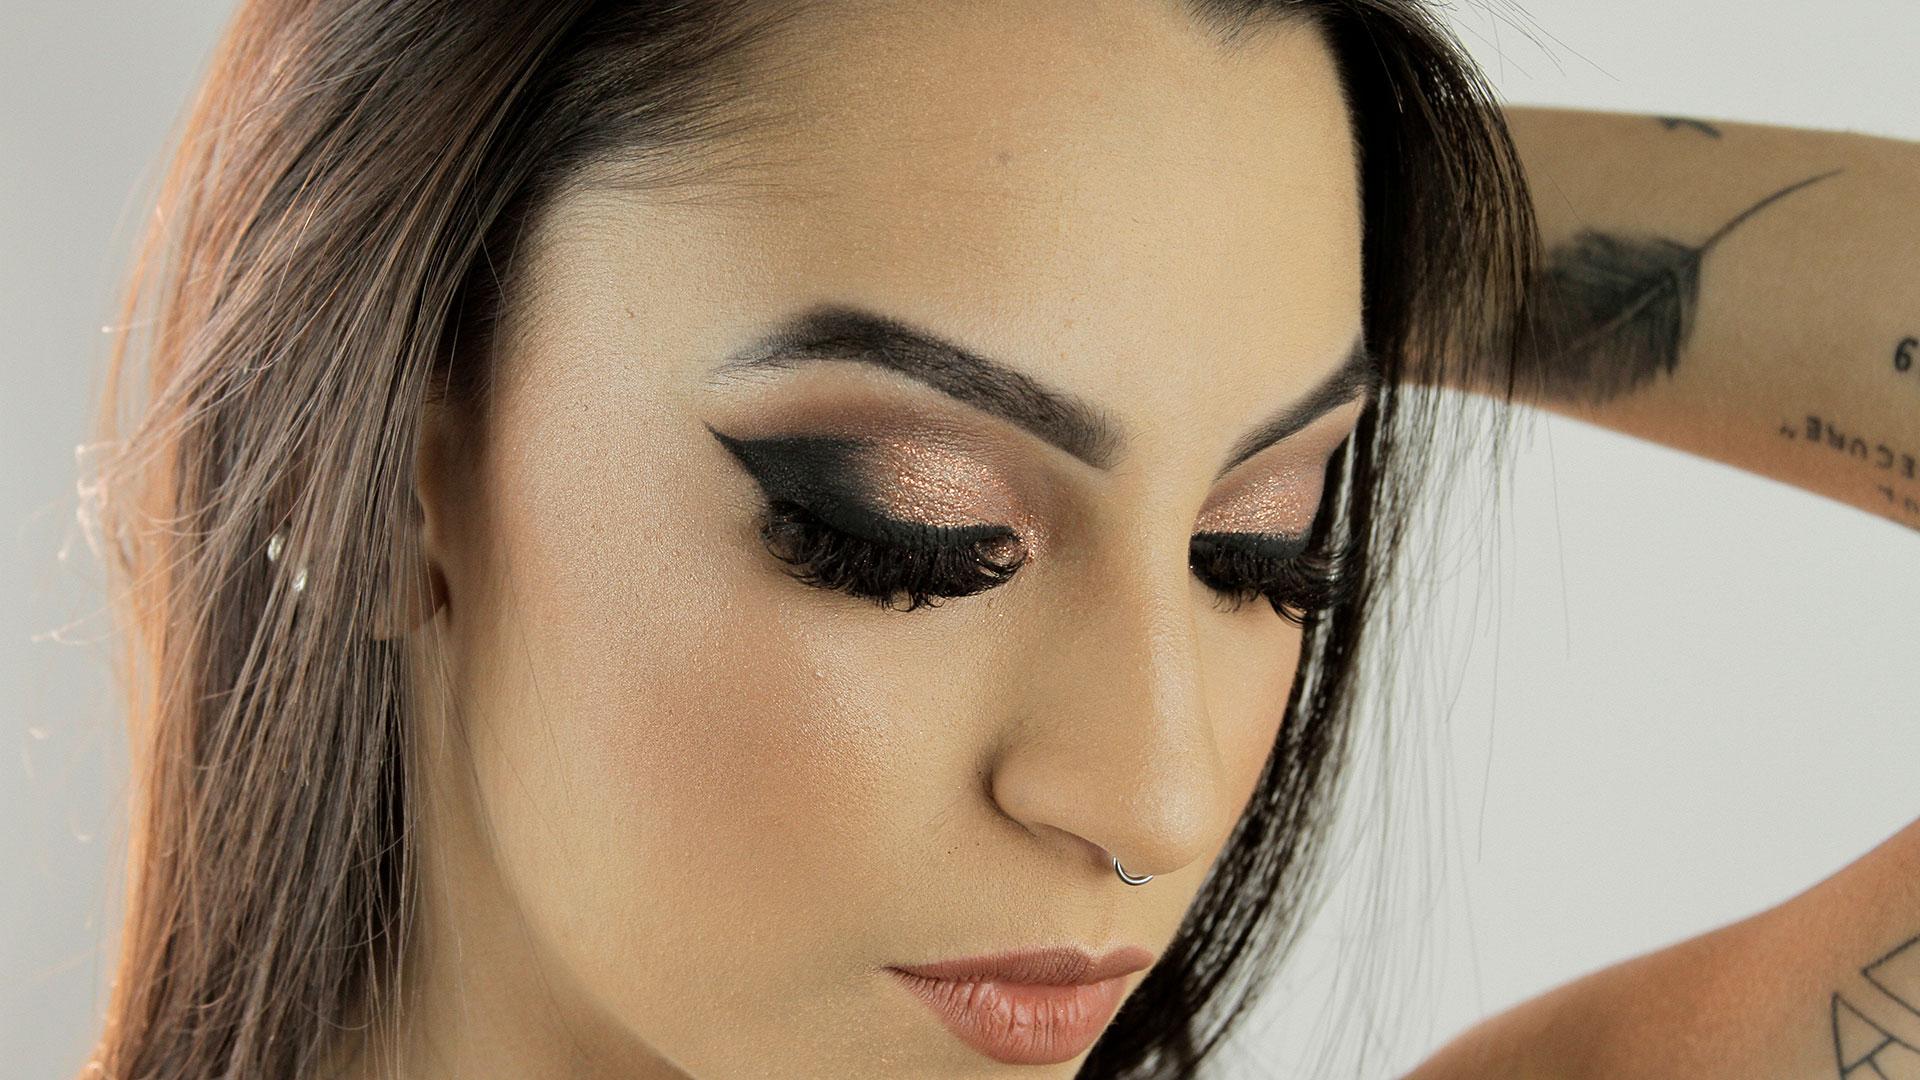 Raquel-Contente-076